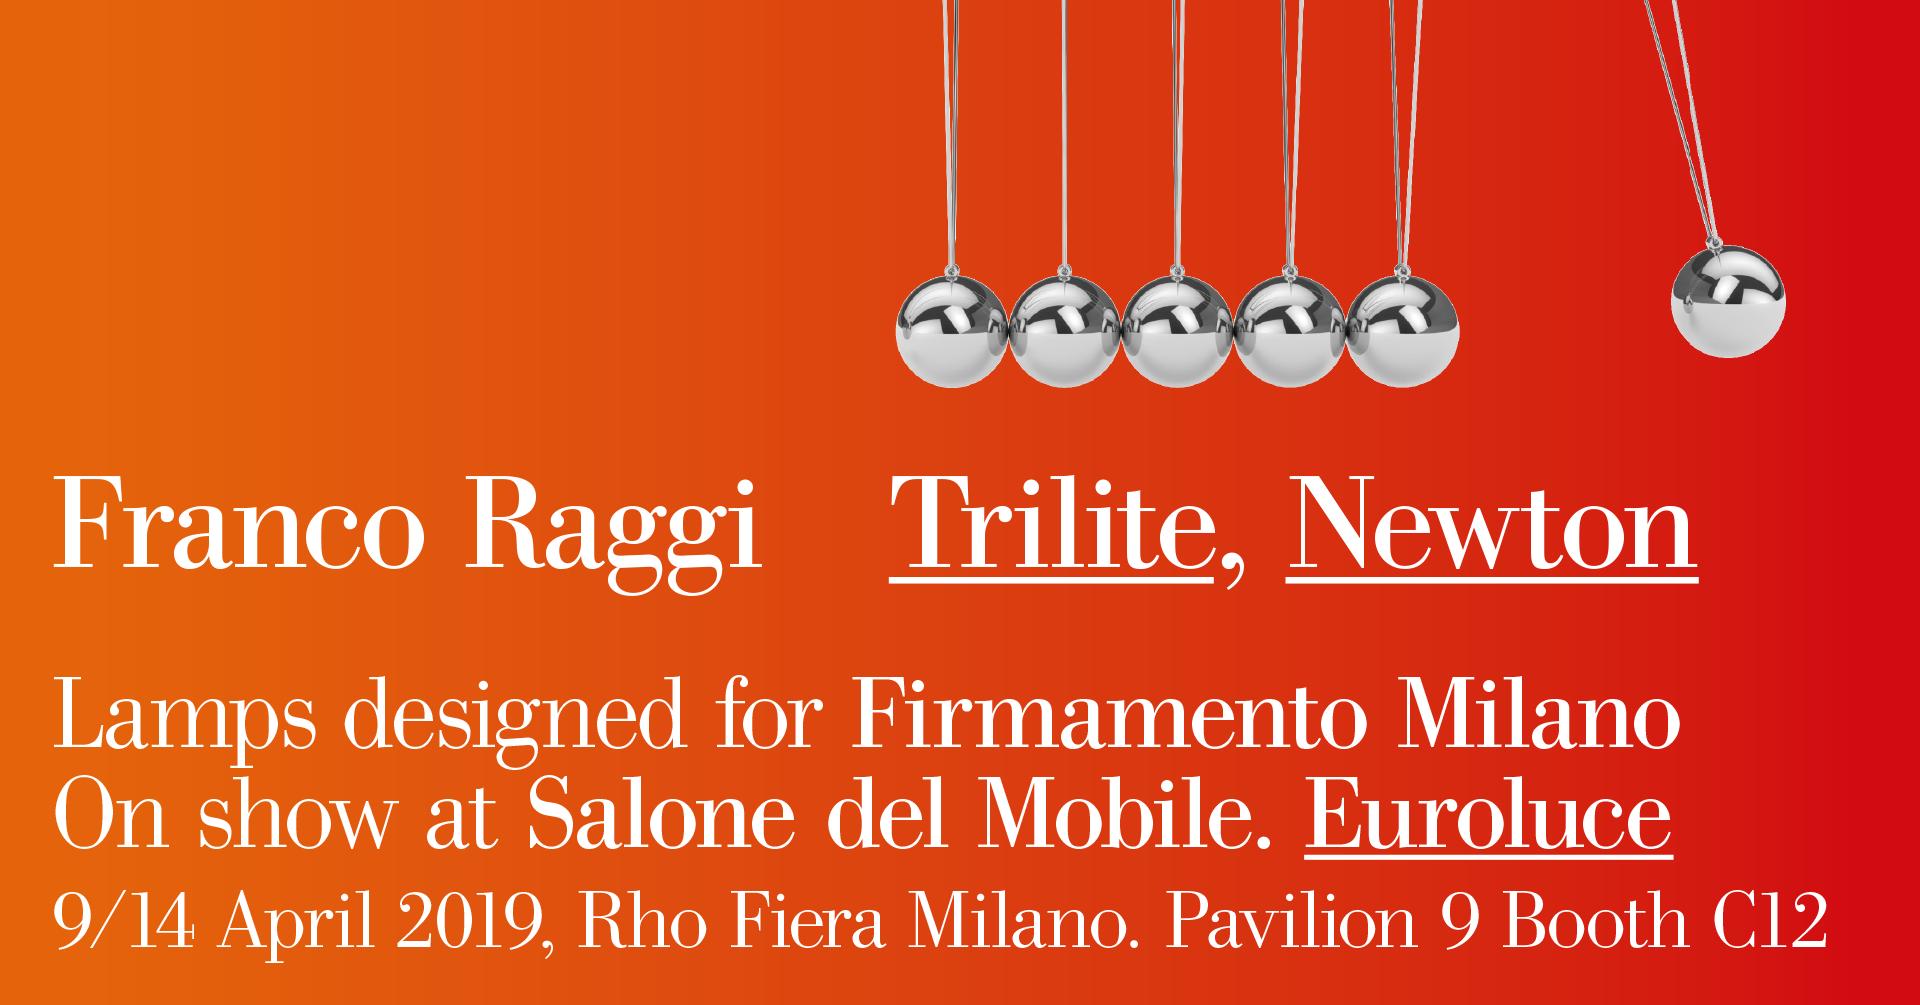 Trilite e Newton @ Euroluce - Salone del Mobile 2019